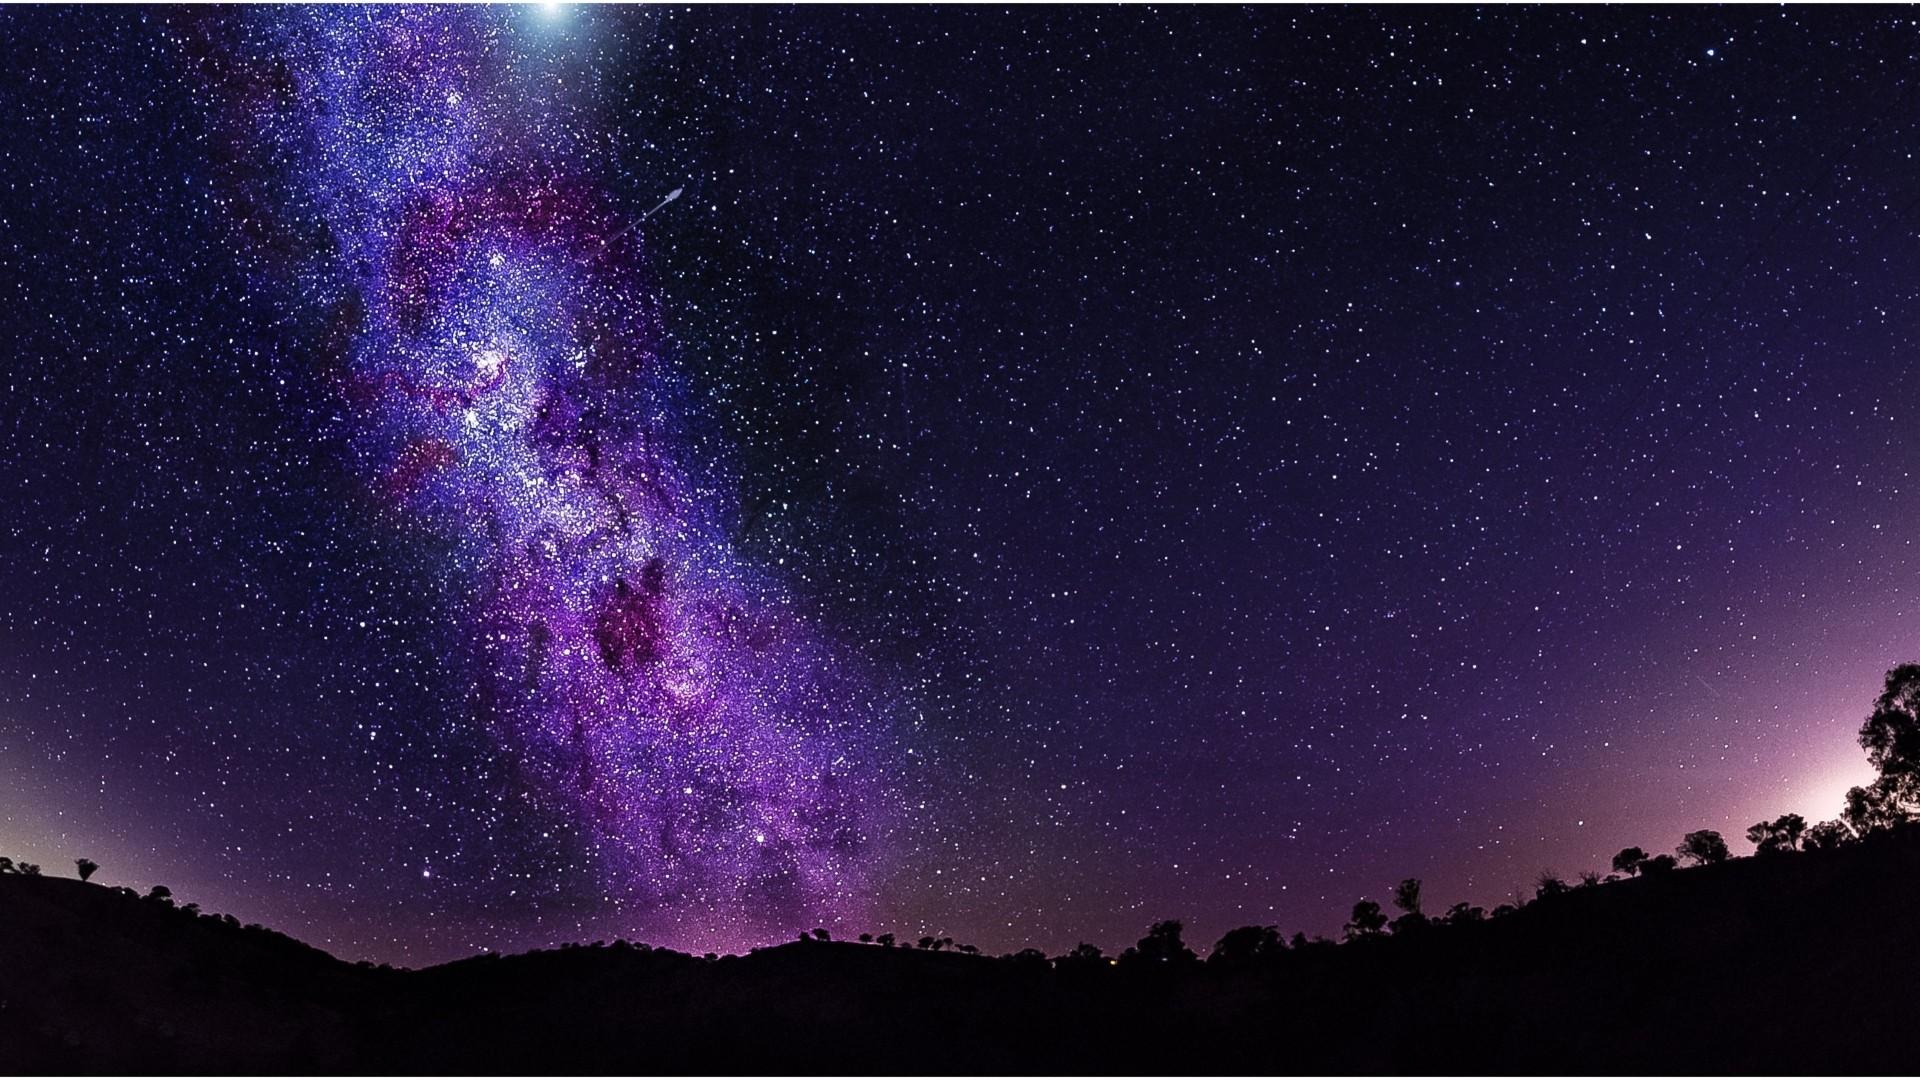 Stars Wallpaper for pc